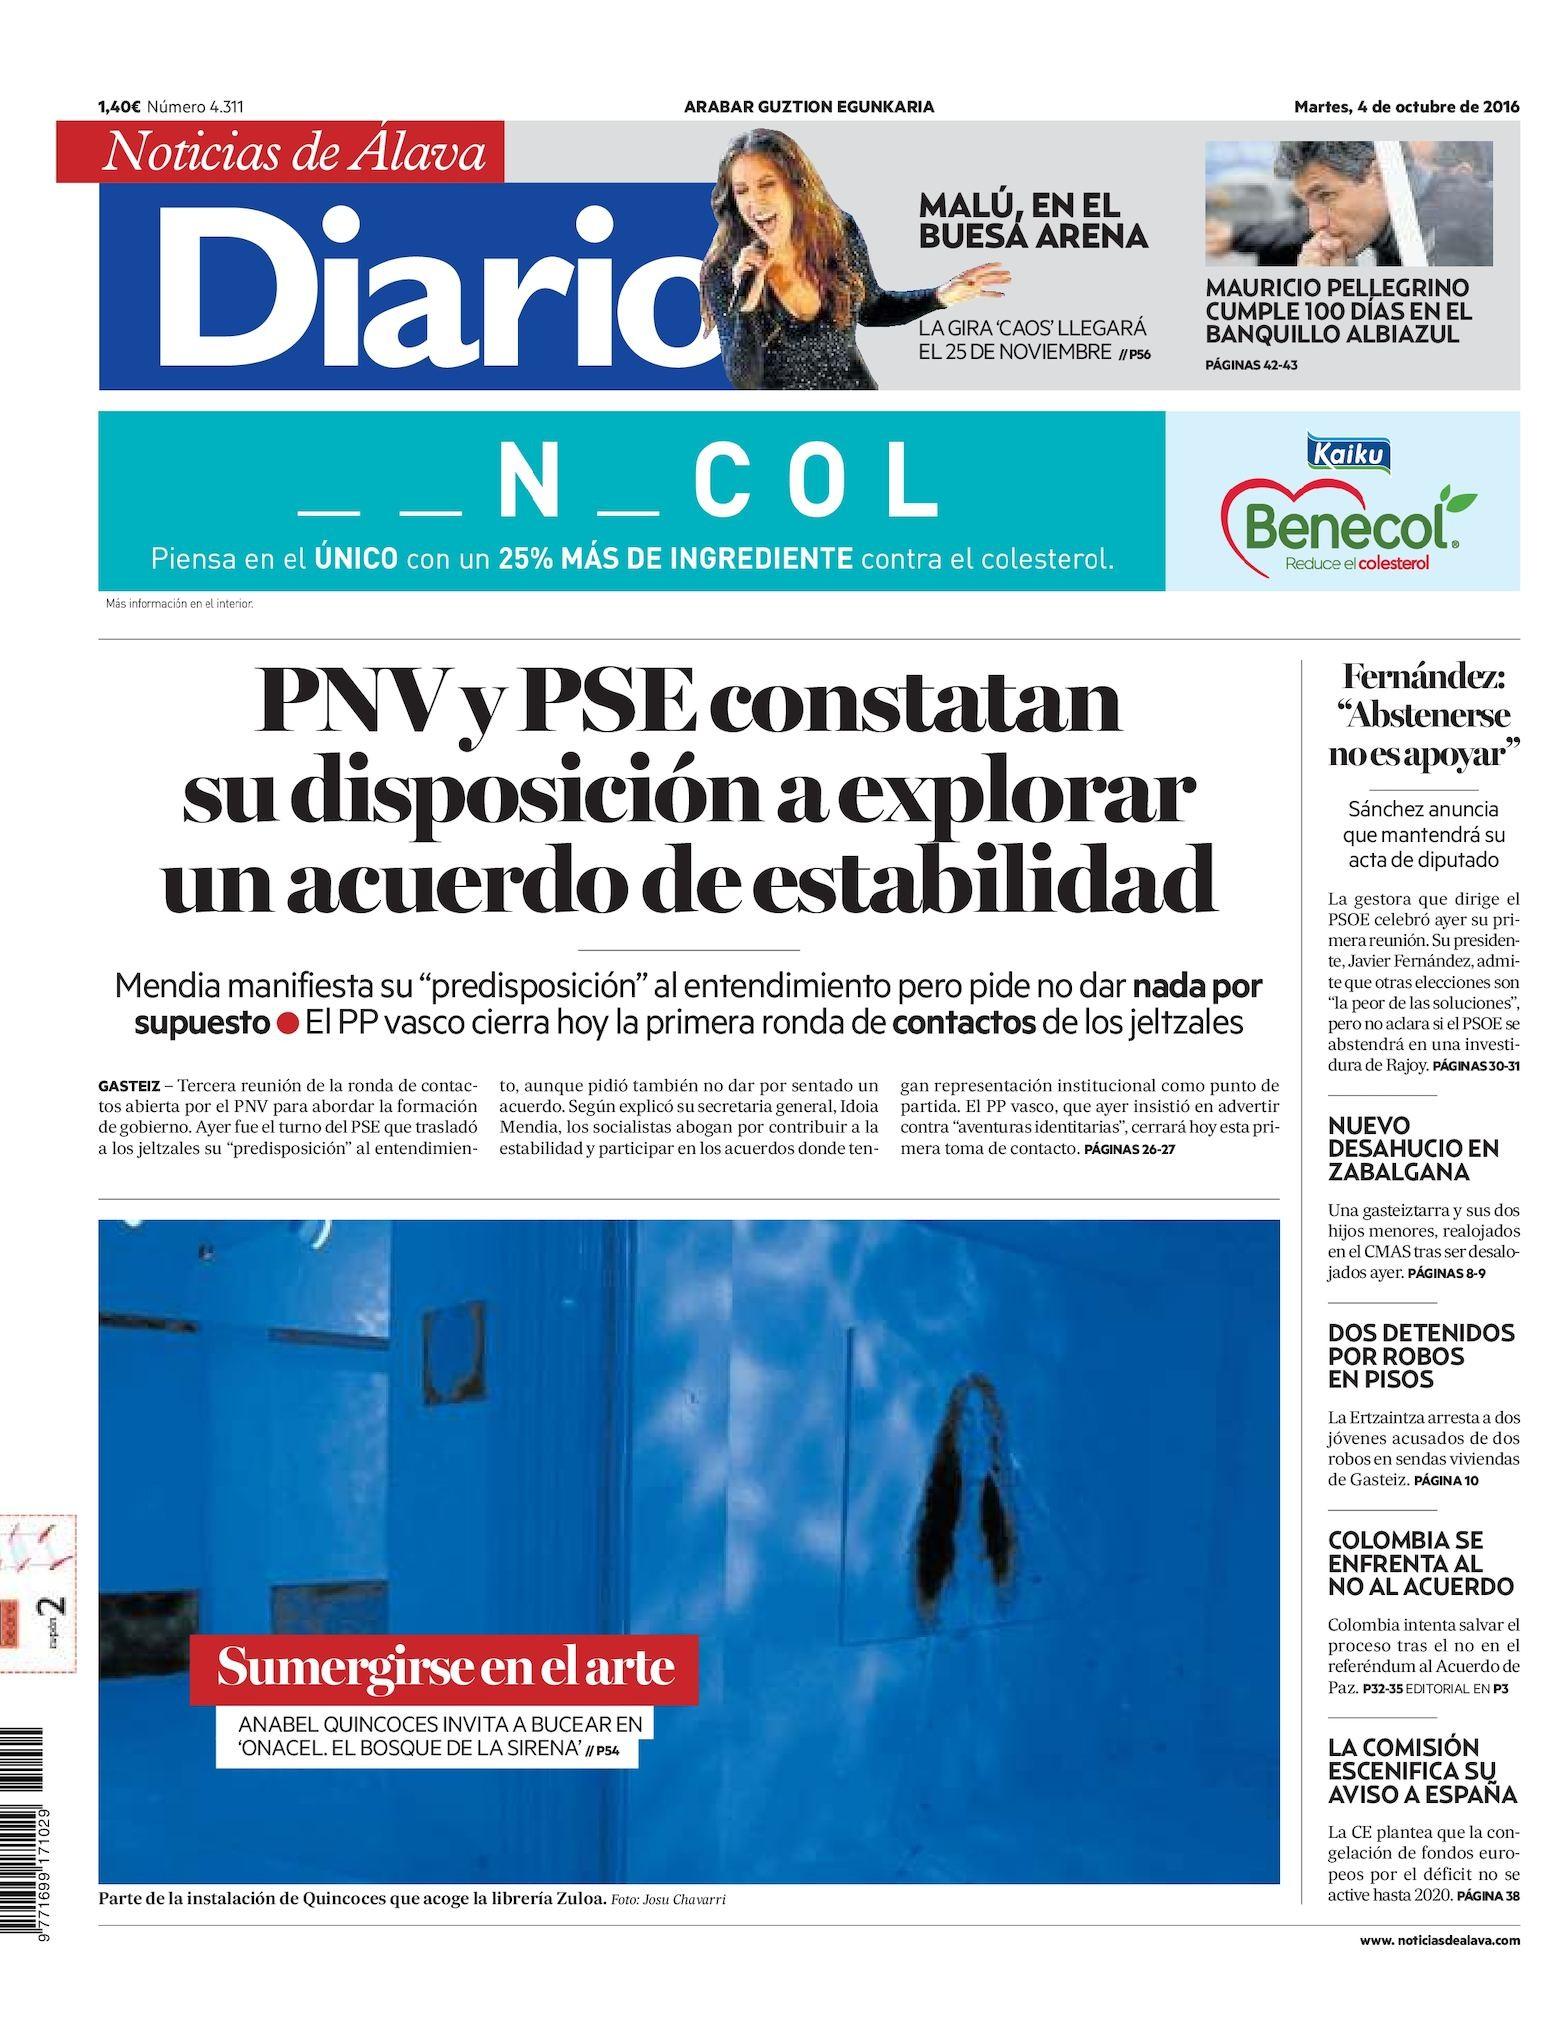 Calendario Electoral 2019 En Colombia Más Populares Calaméo Diario De Noticias De lava Of Calendario Electoral 2019 En Colombia Más Populares Eur Lex L 2016 200 Full En Eur Lex